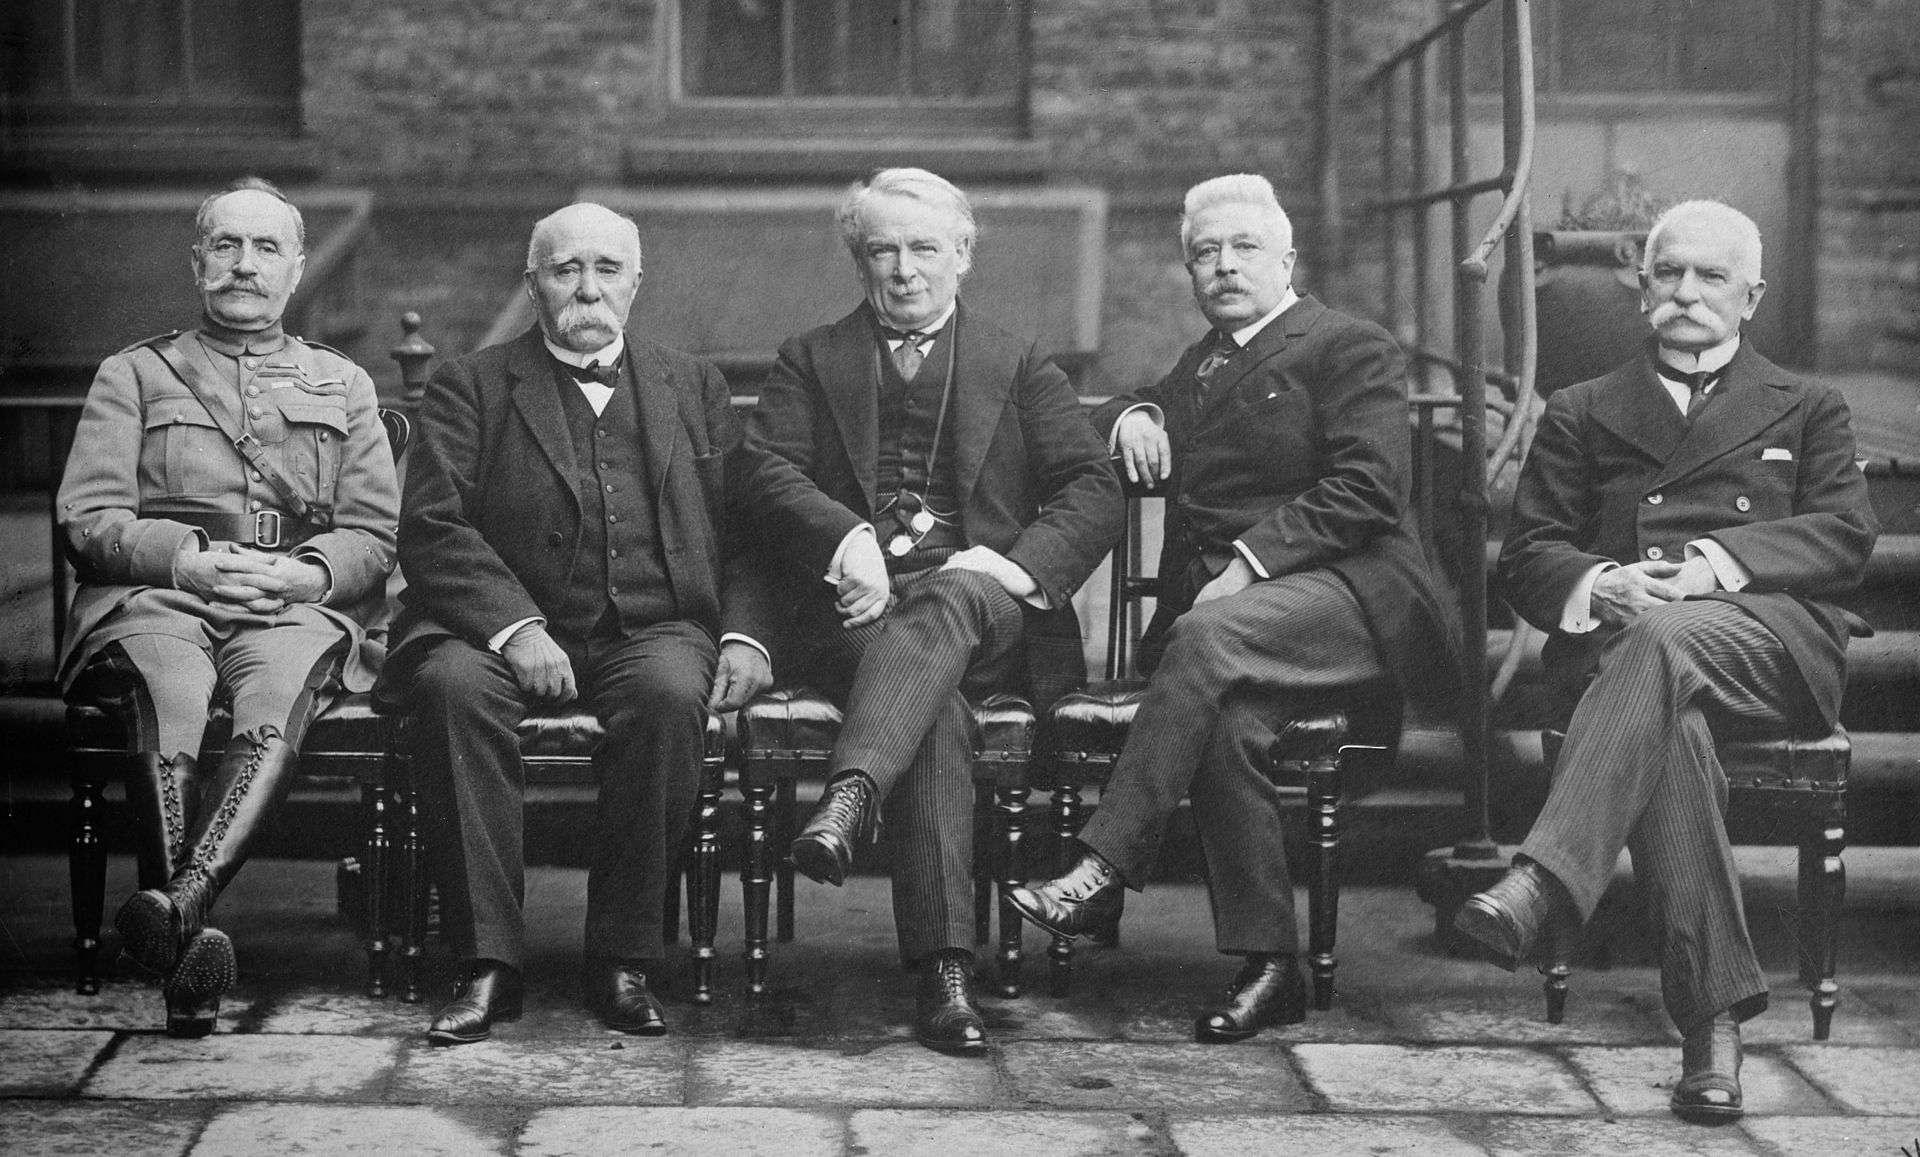 Marshal Ferdinand Foch Clemenceau Lloyd George Vittorio Emanuele Orlando Sidney Sonnino